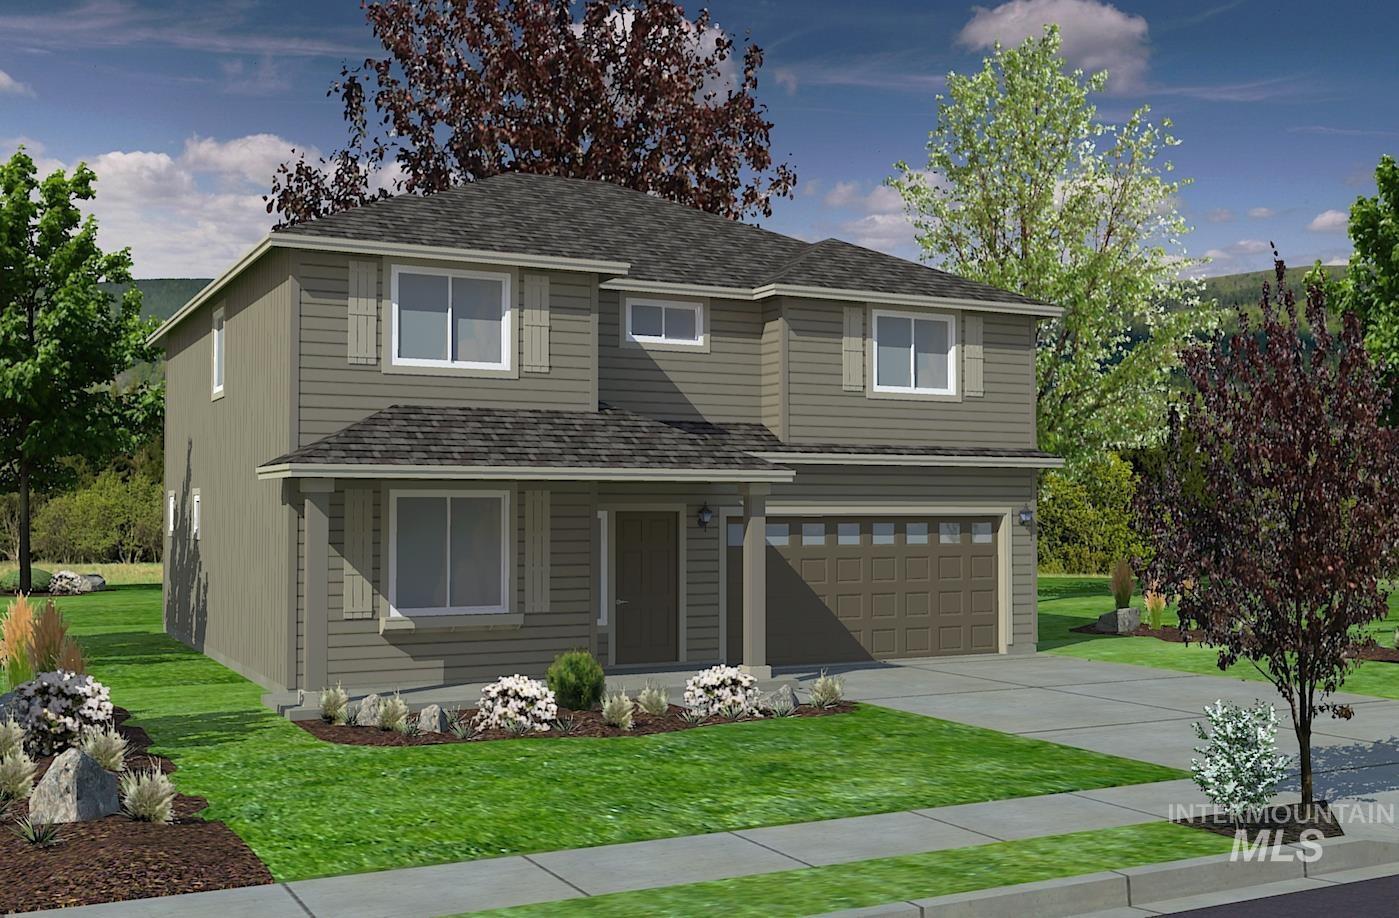 16805 Ryeland Ave Lot 5 Property Photo